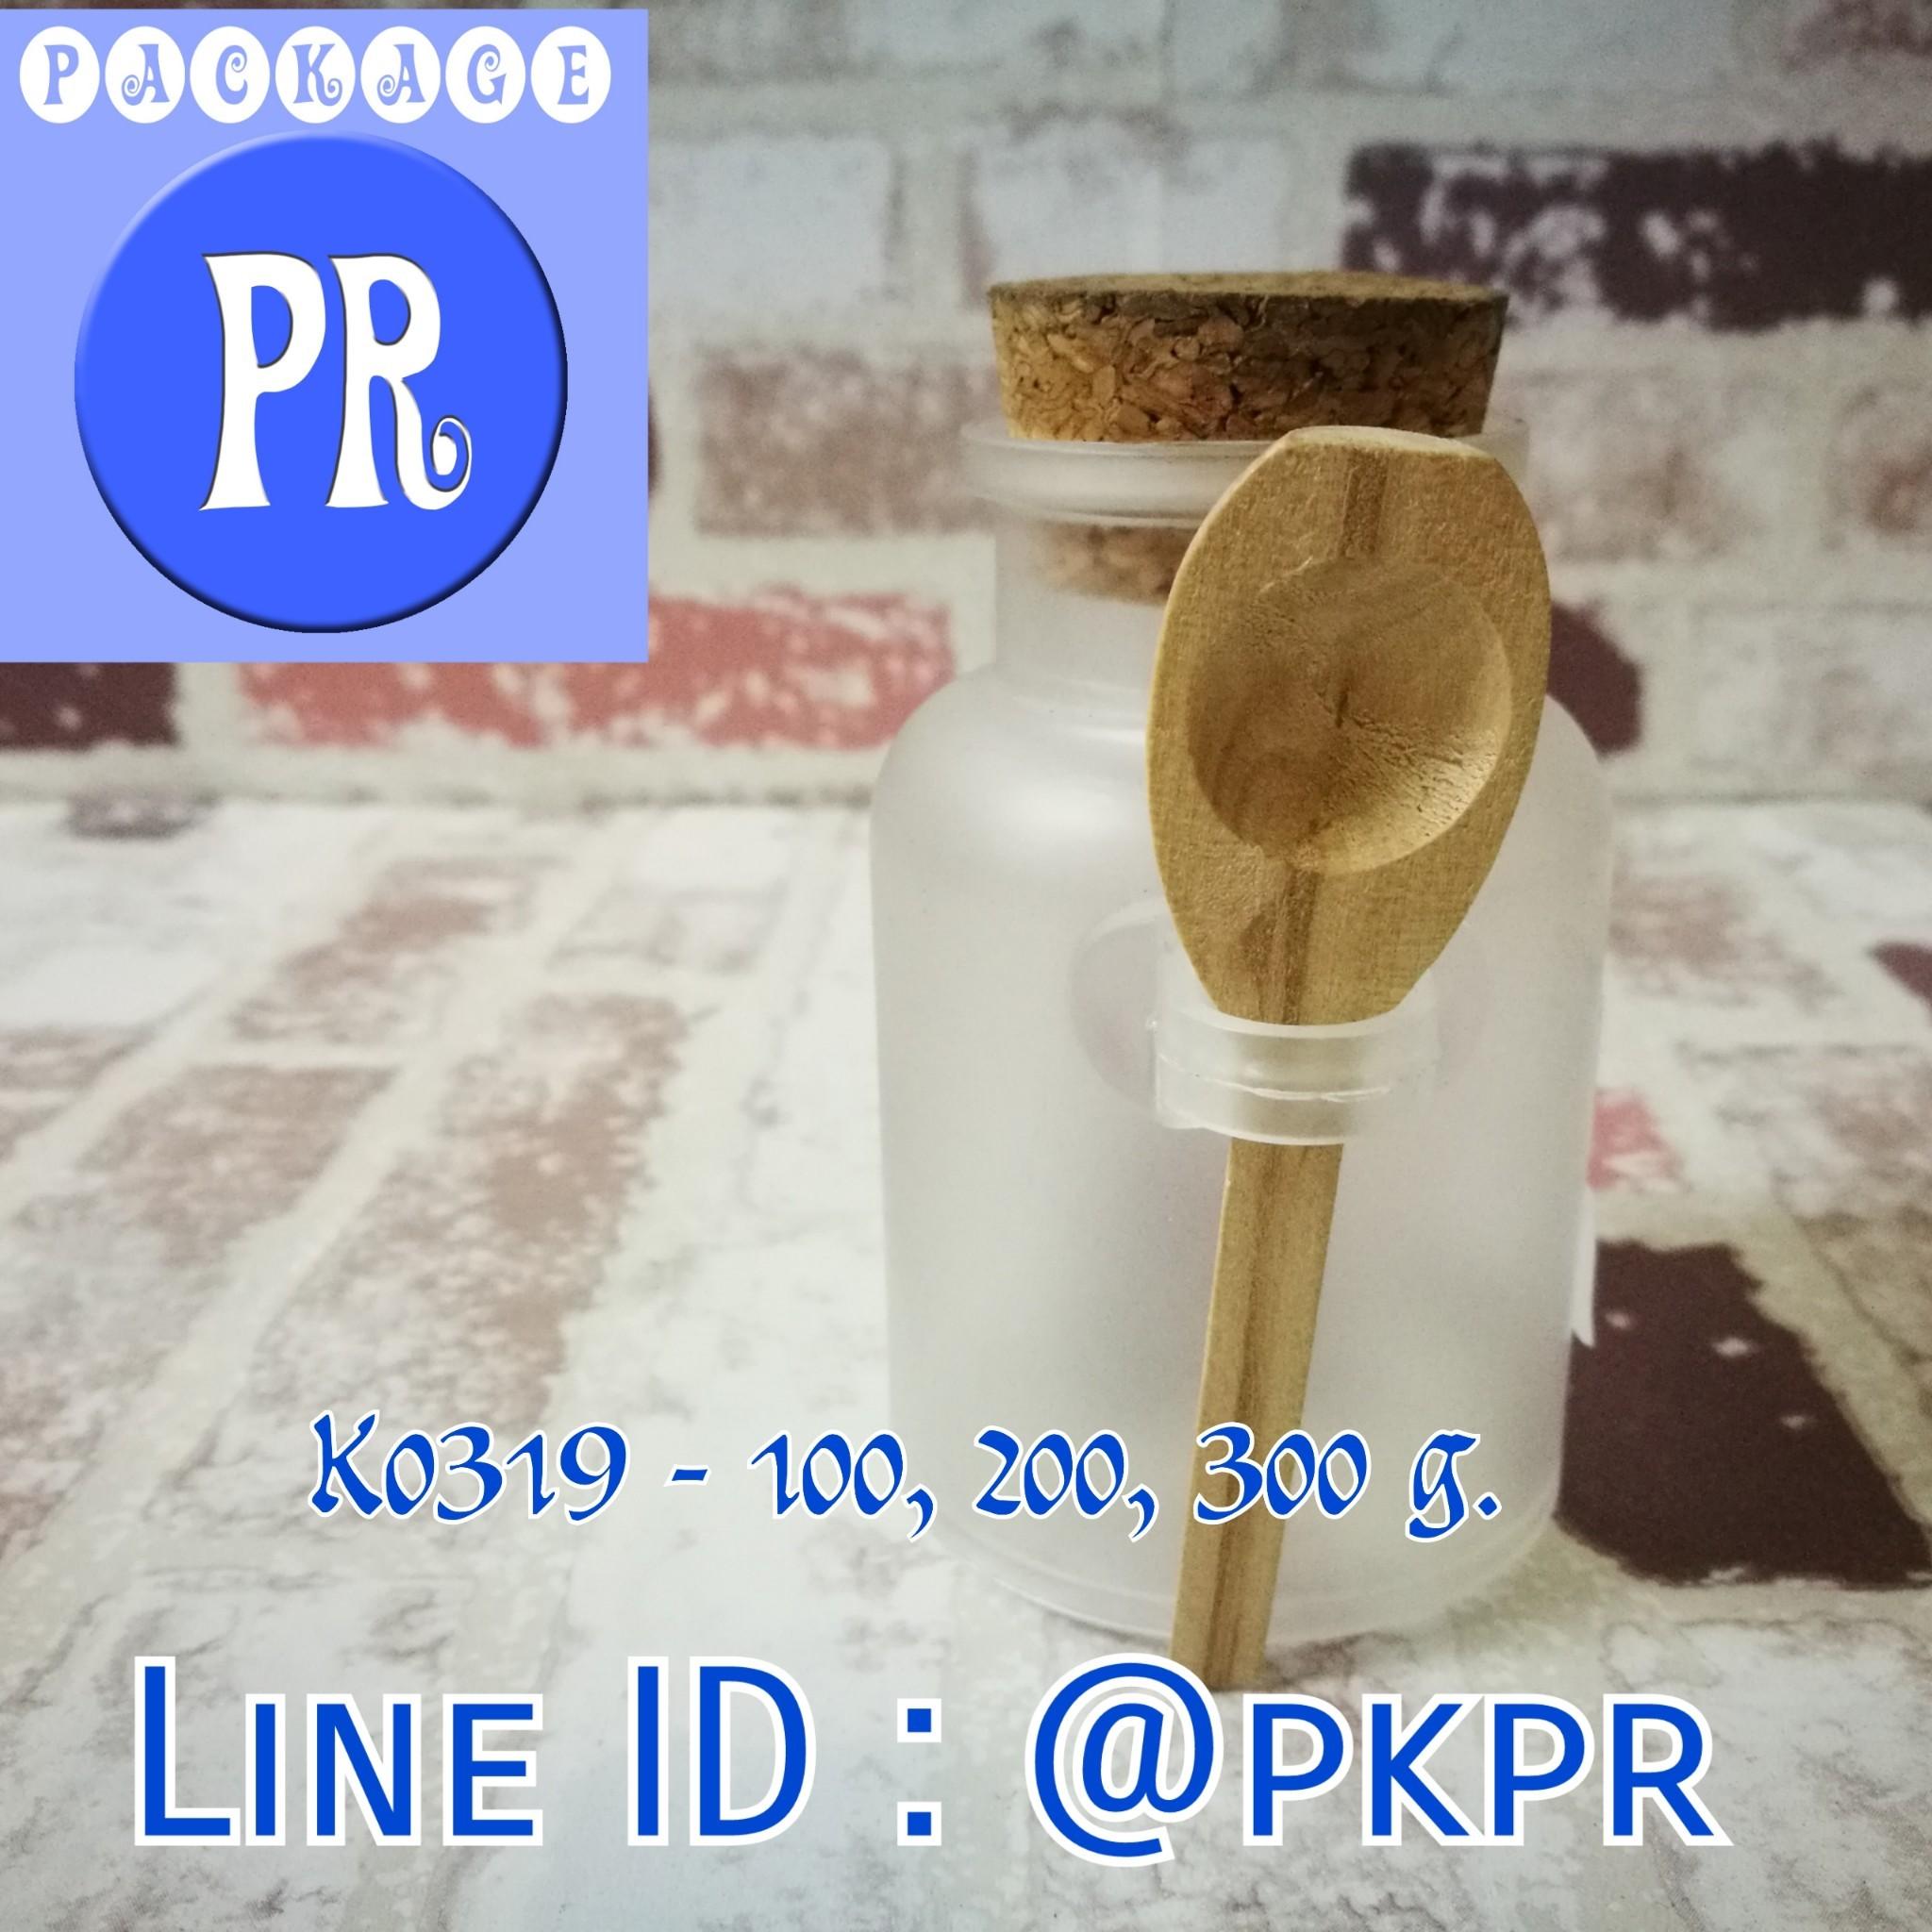 K0319 - 100 g.